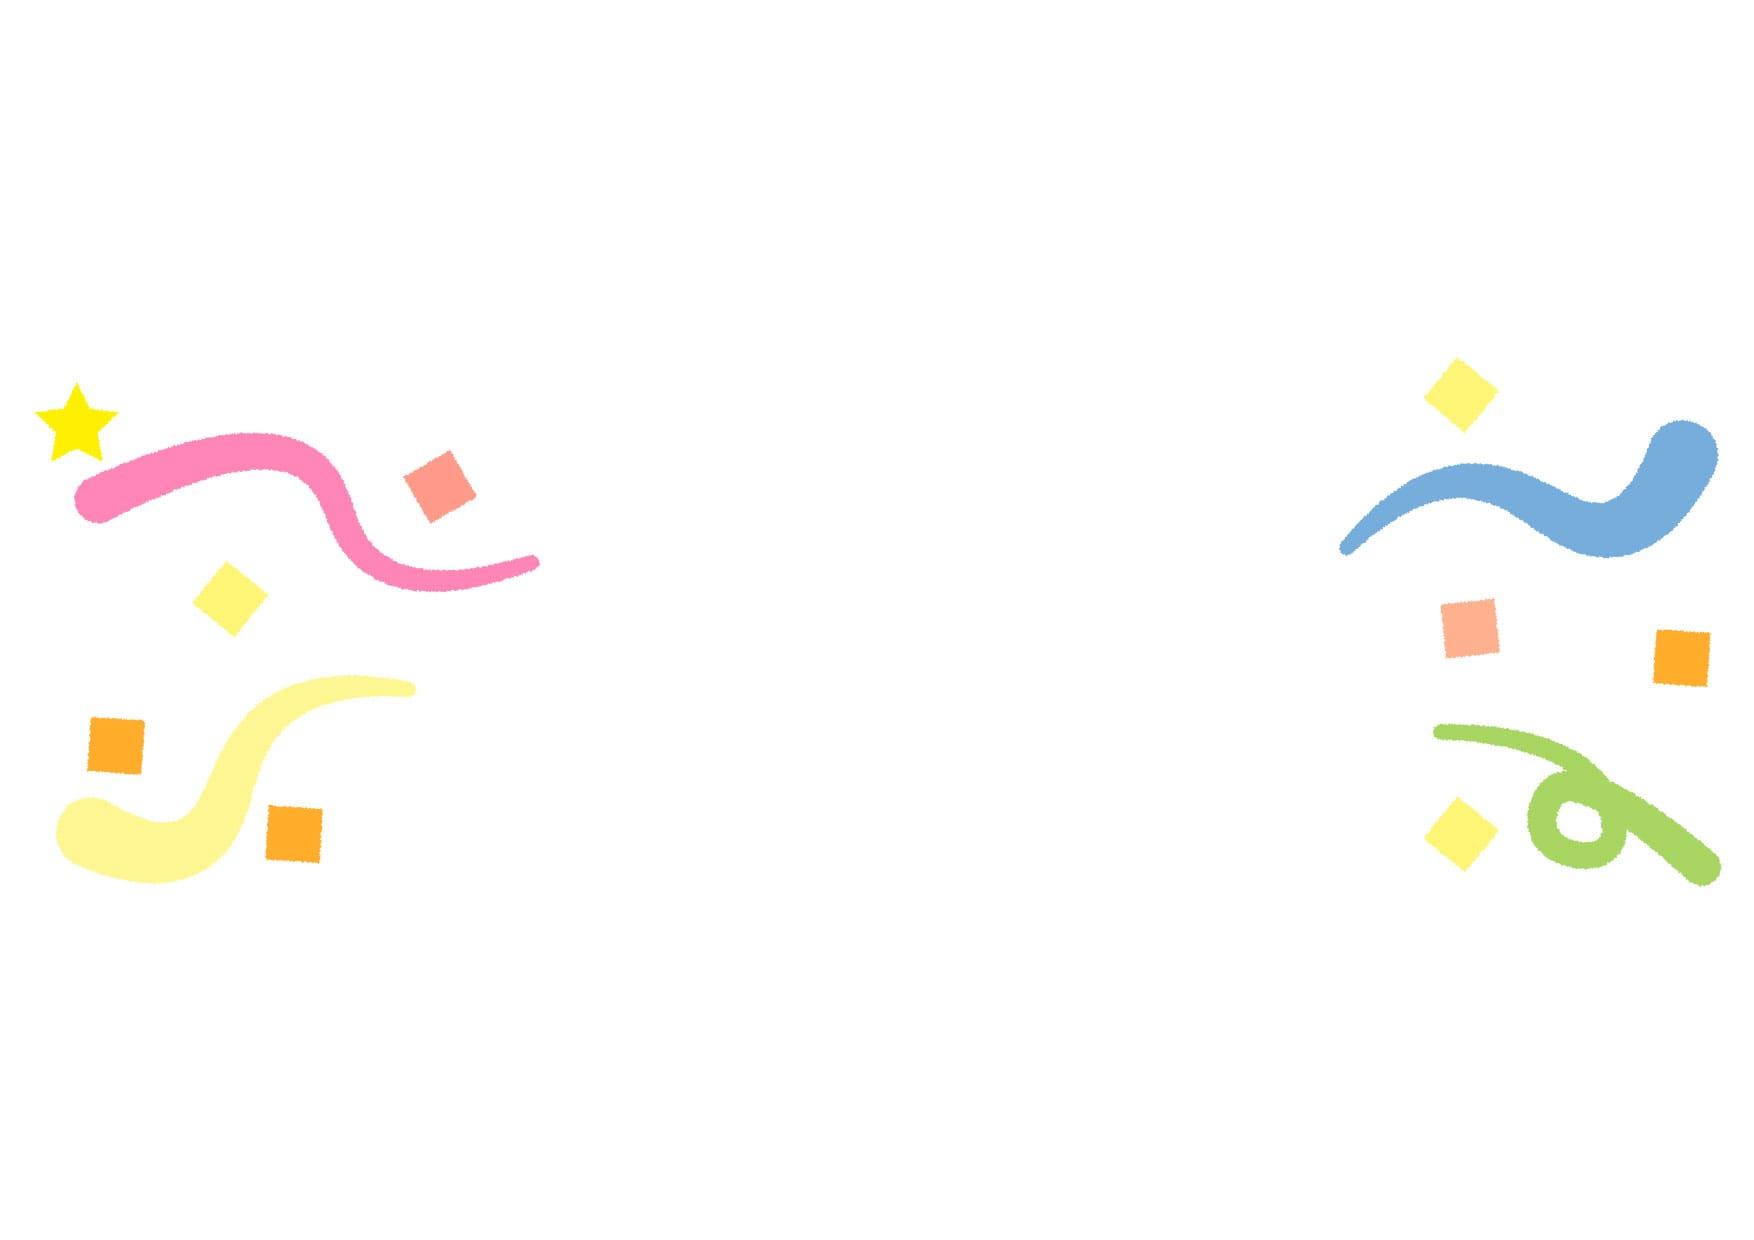 可愛いイラスト無料|紙吹雪 左右 − free illustration  Confetti left and right